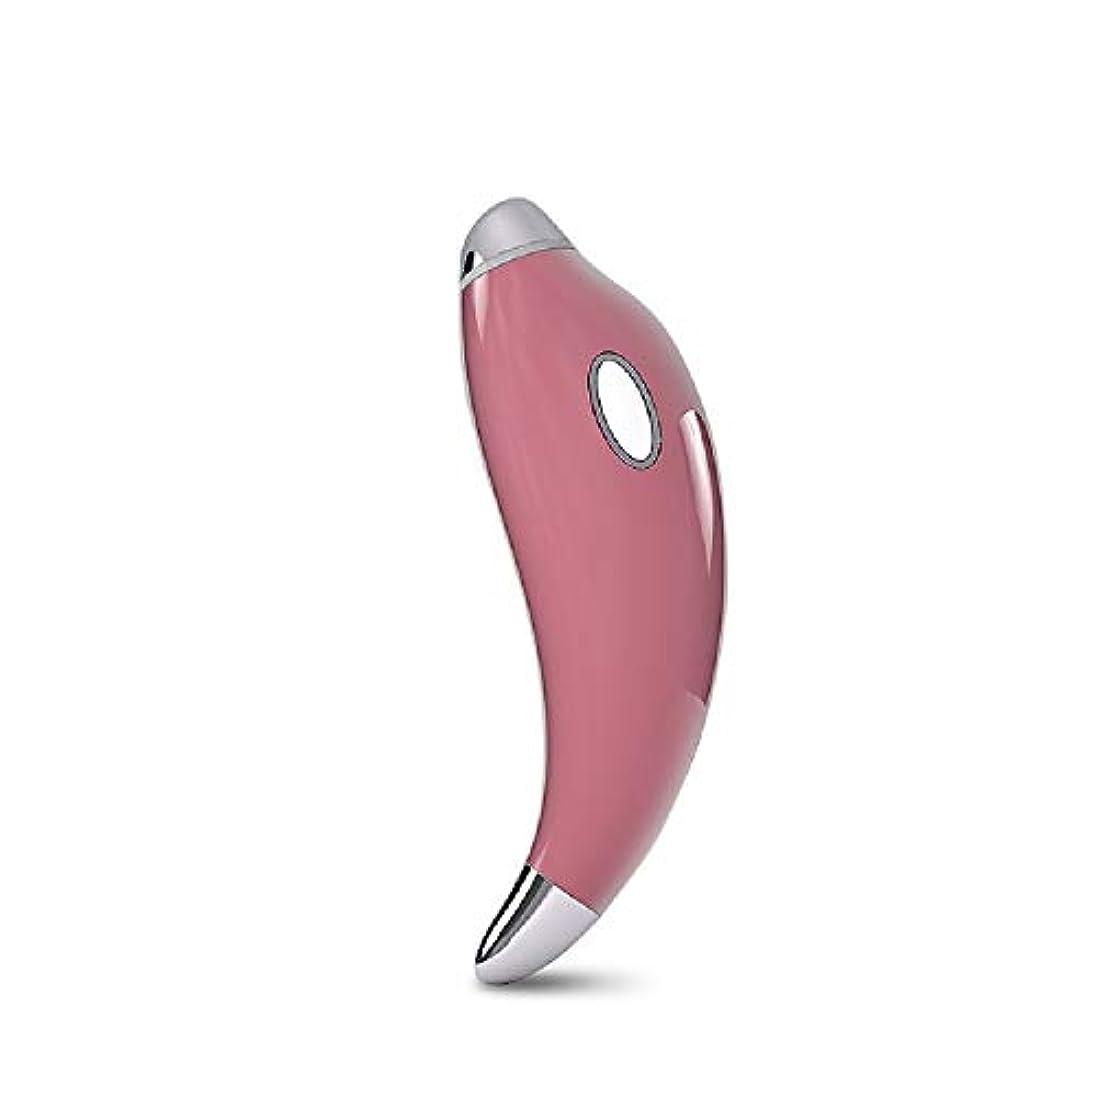 患者キャプション故意にGf ファッショントレンド高度なインテリジェントホットマジックワンド、しわ防止イオンイオントリートメントアイマッサージスティック 購入へようこそ (Color : Pink)